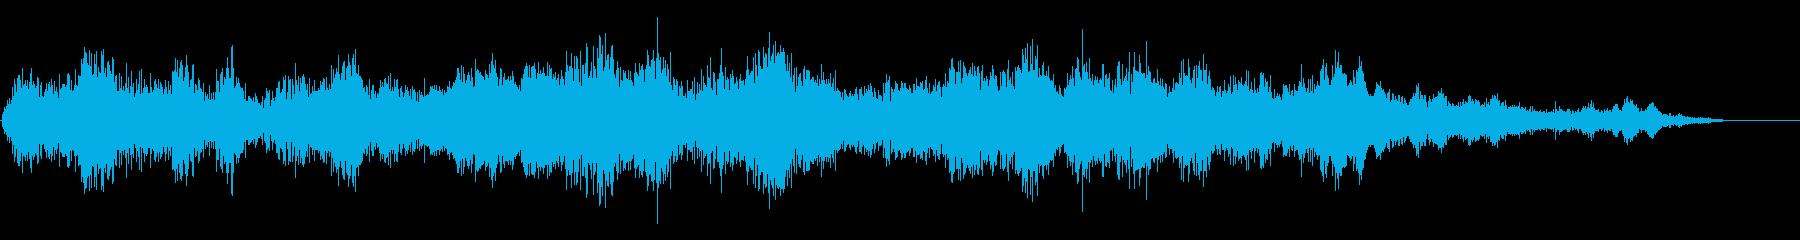 鐘が鳴り響く寺院の中にいるような音風景の再生済みの波形